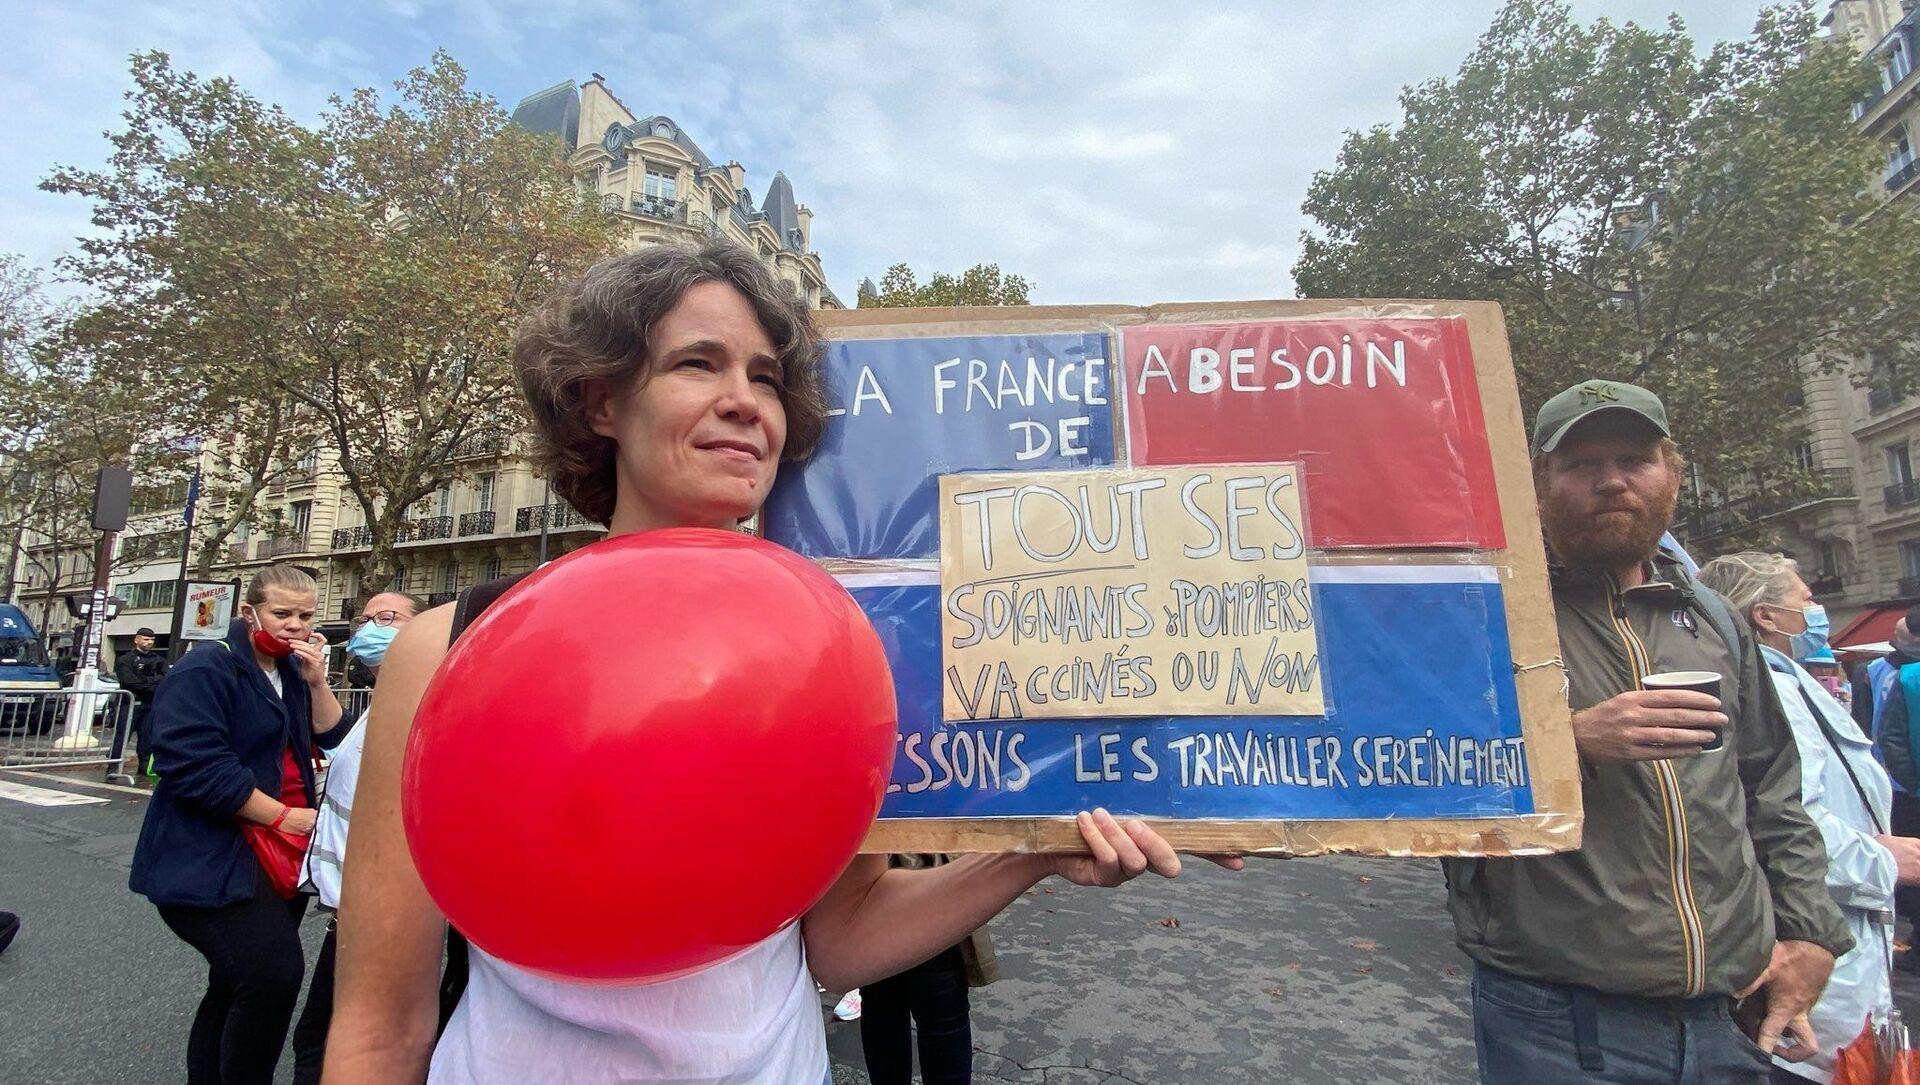 Manifestation de soignants contre obligation vaccinale à Paris, le 14 septembre - Sputnik France, 1920, 14.09.2021